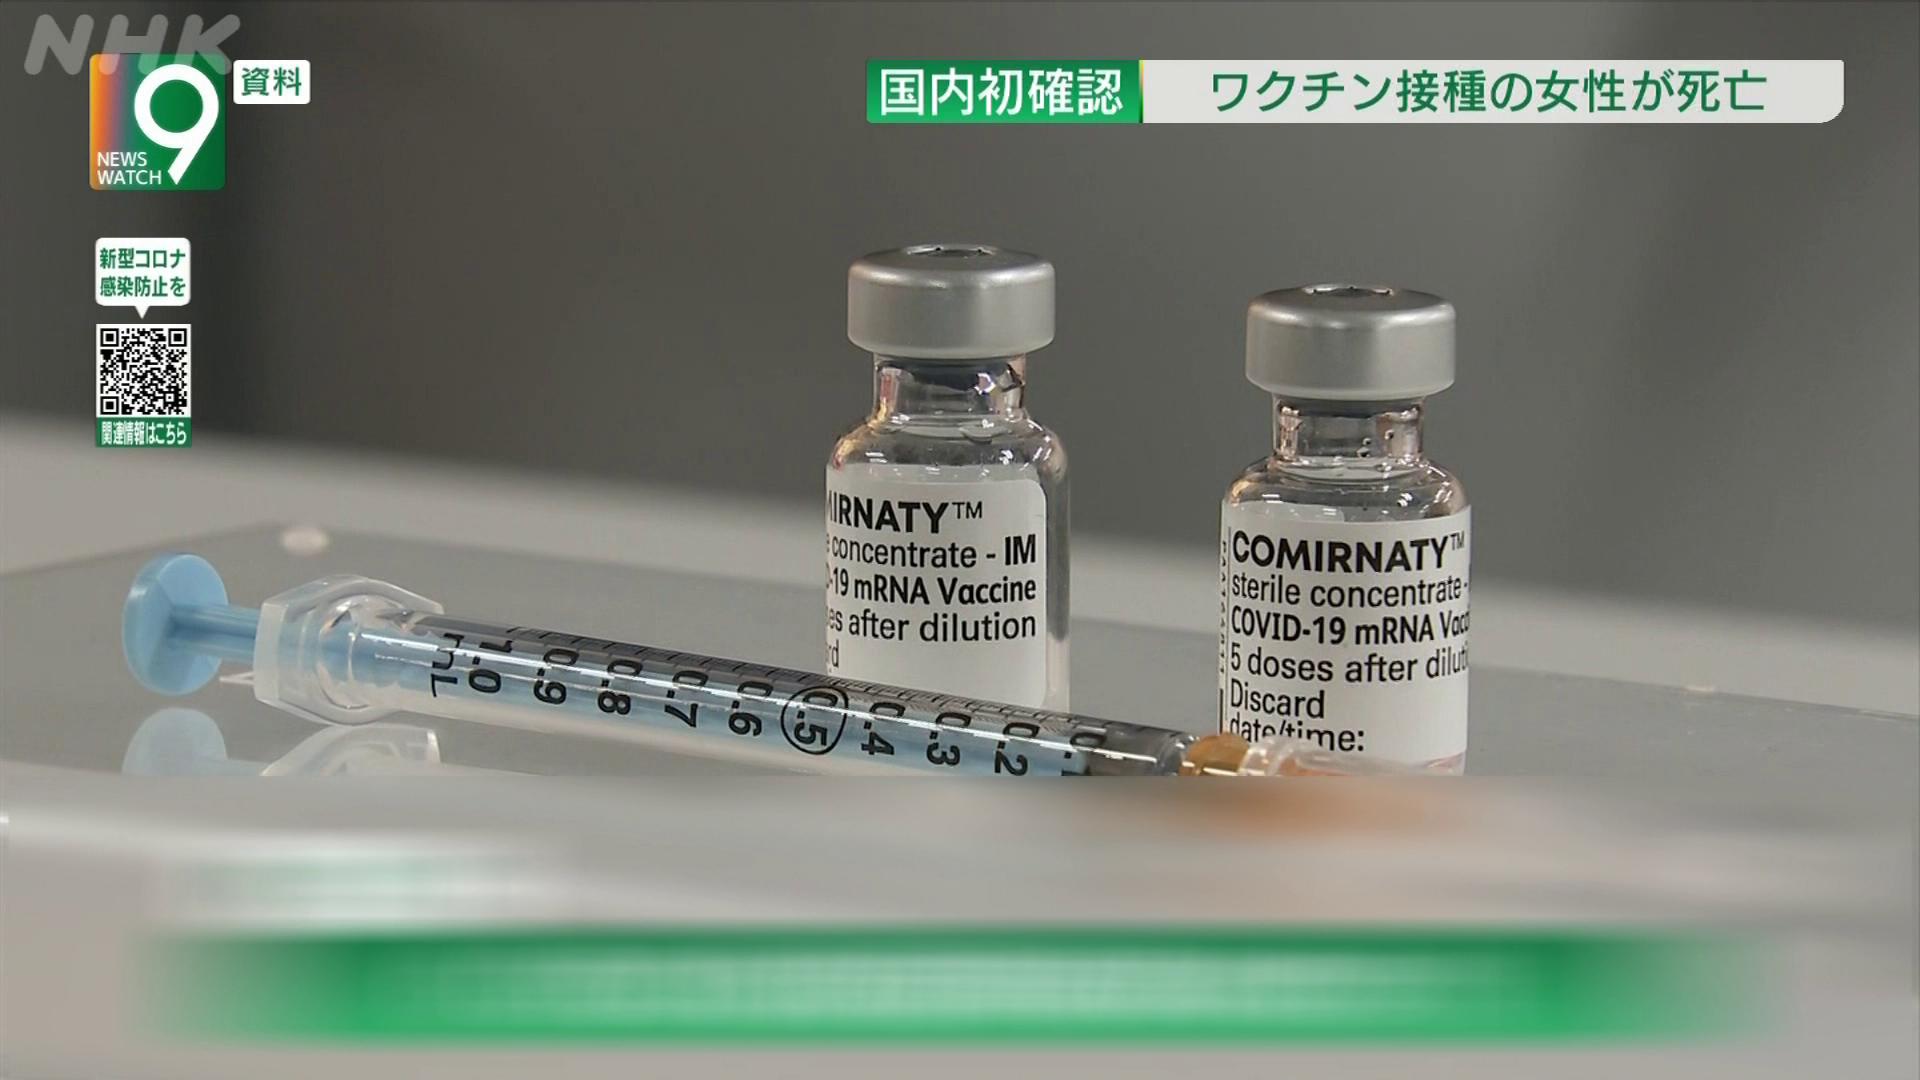 日本首例! 60多歲女醫護接種輝瑞 4日後「腦出血亡」